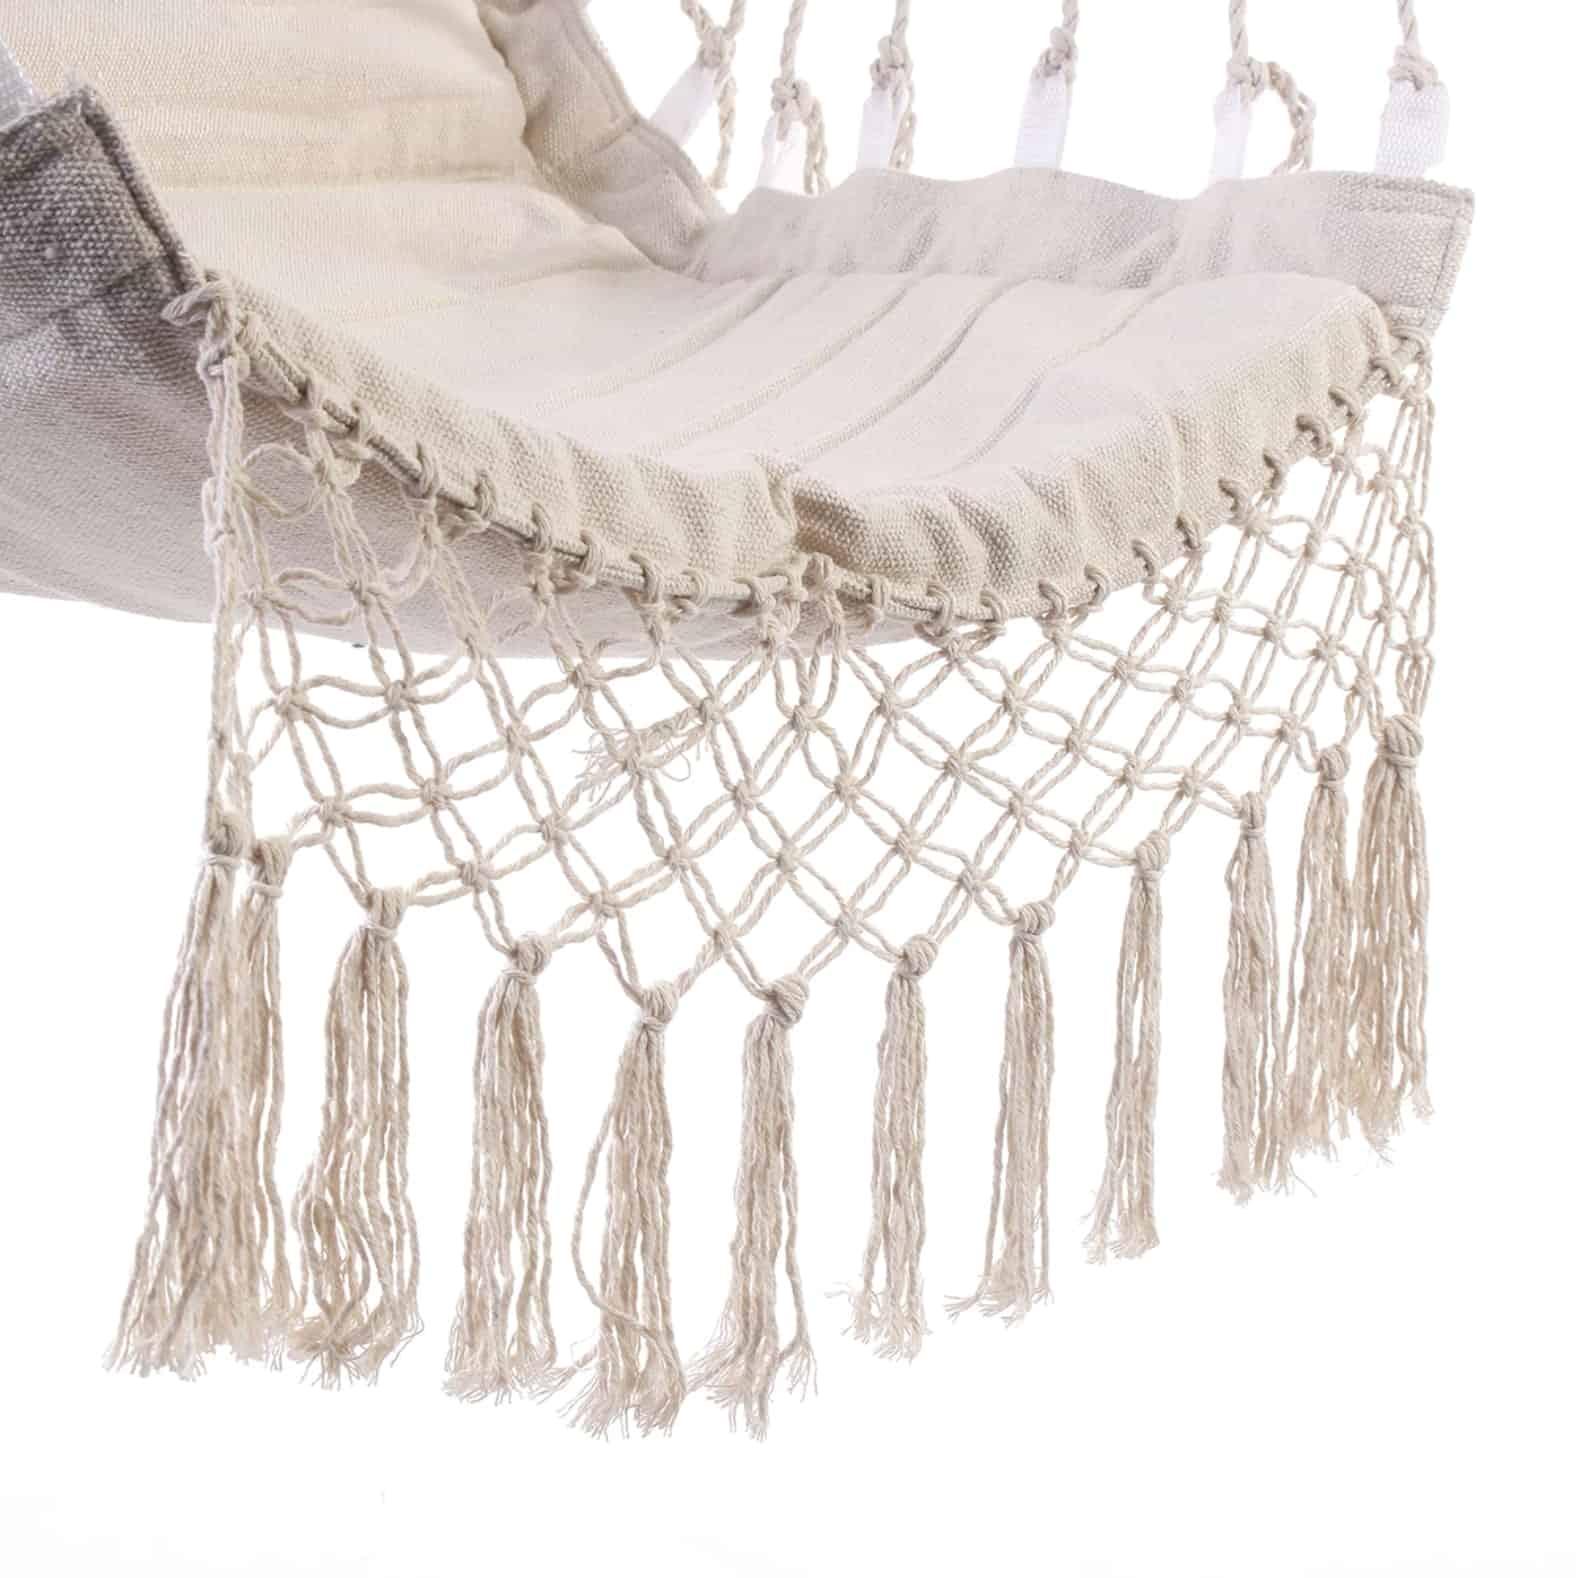 Chaise Hamac Suspendu Plafond Blanc (Pour Le Jardin ... encequiconcerne Chaise Suspendue Jardin